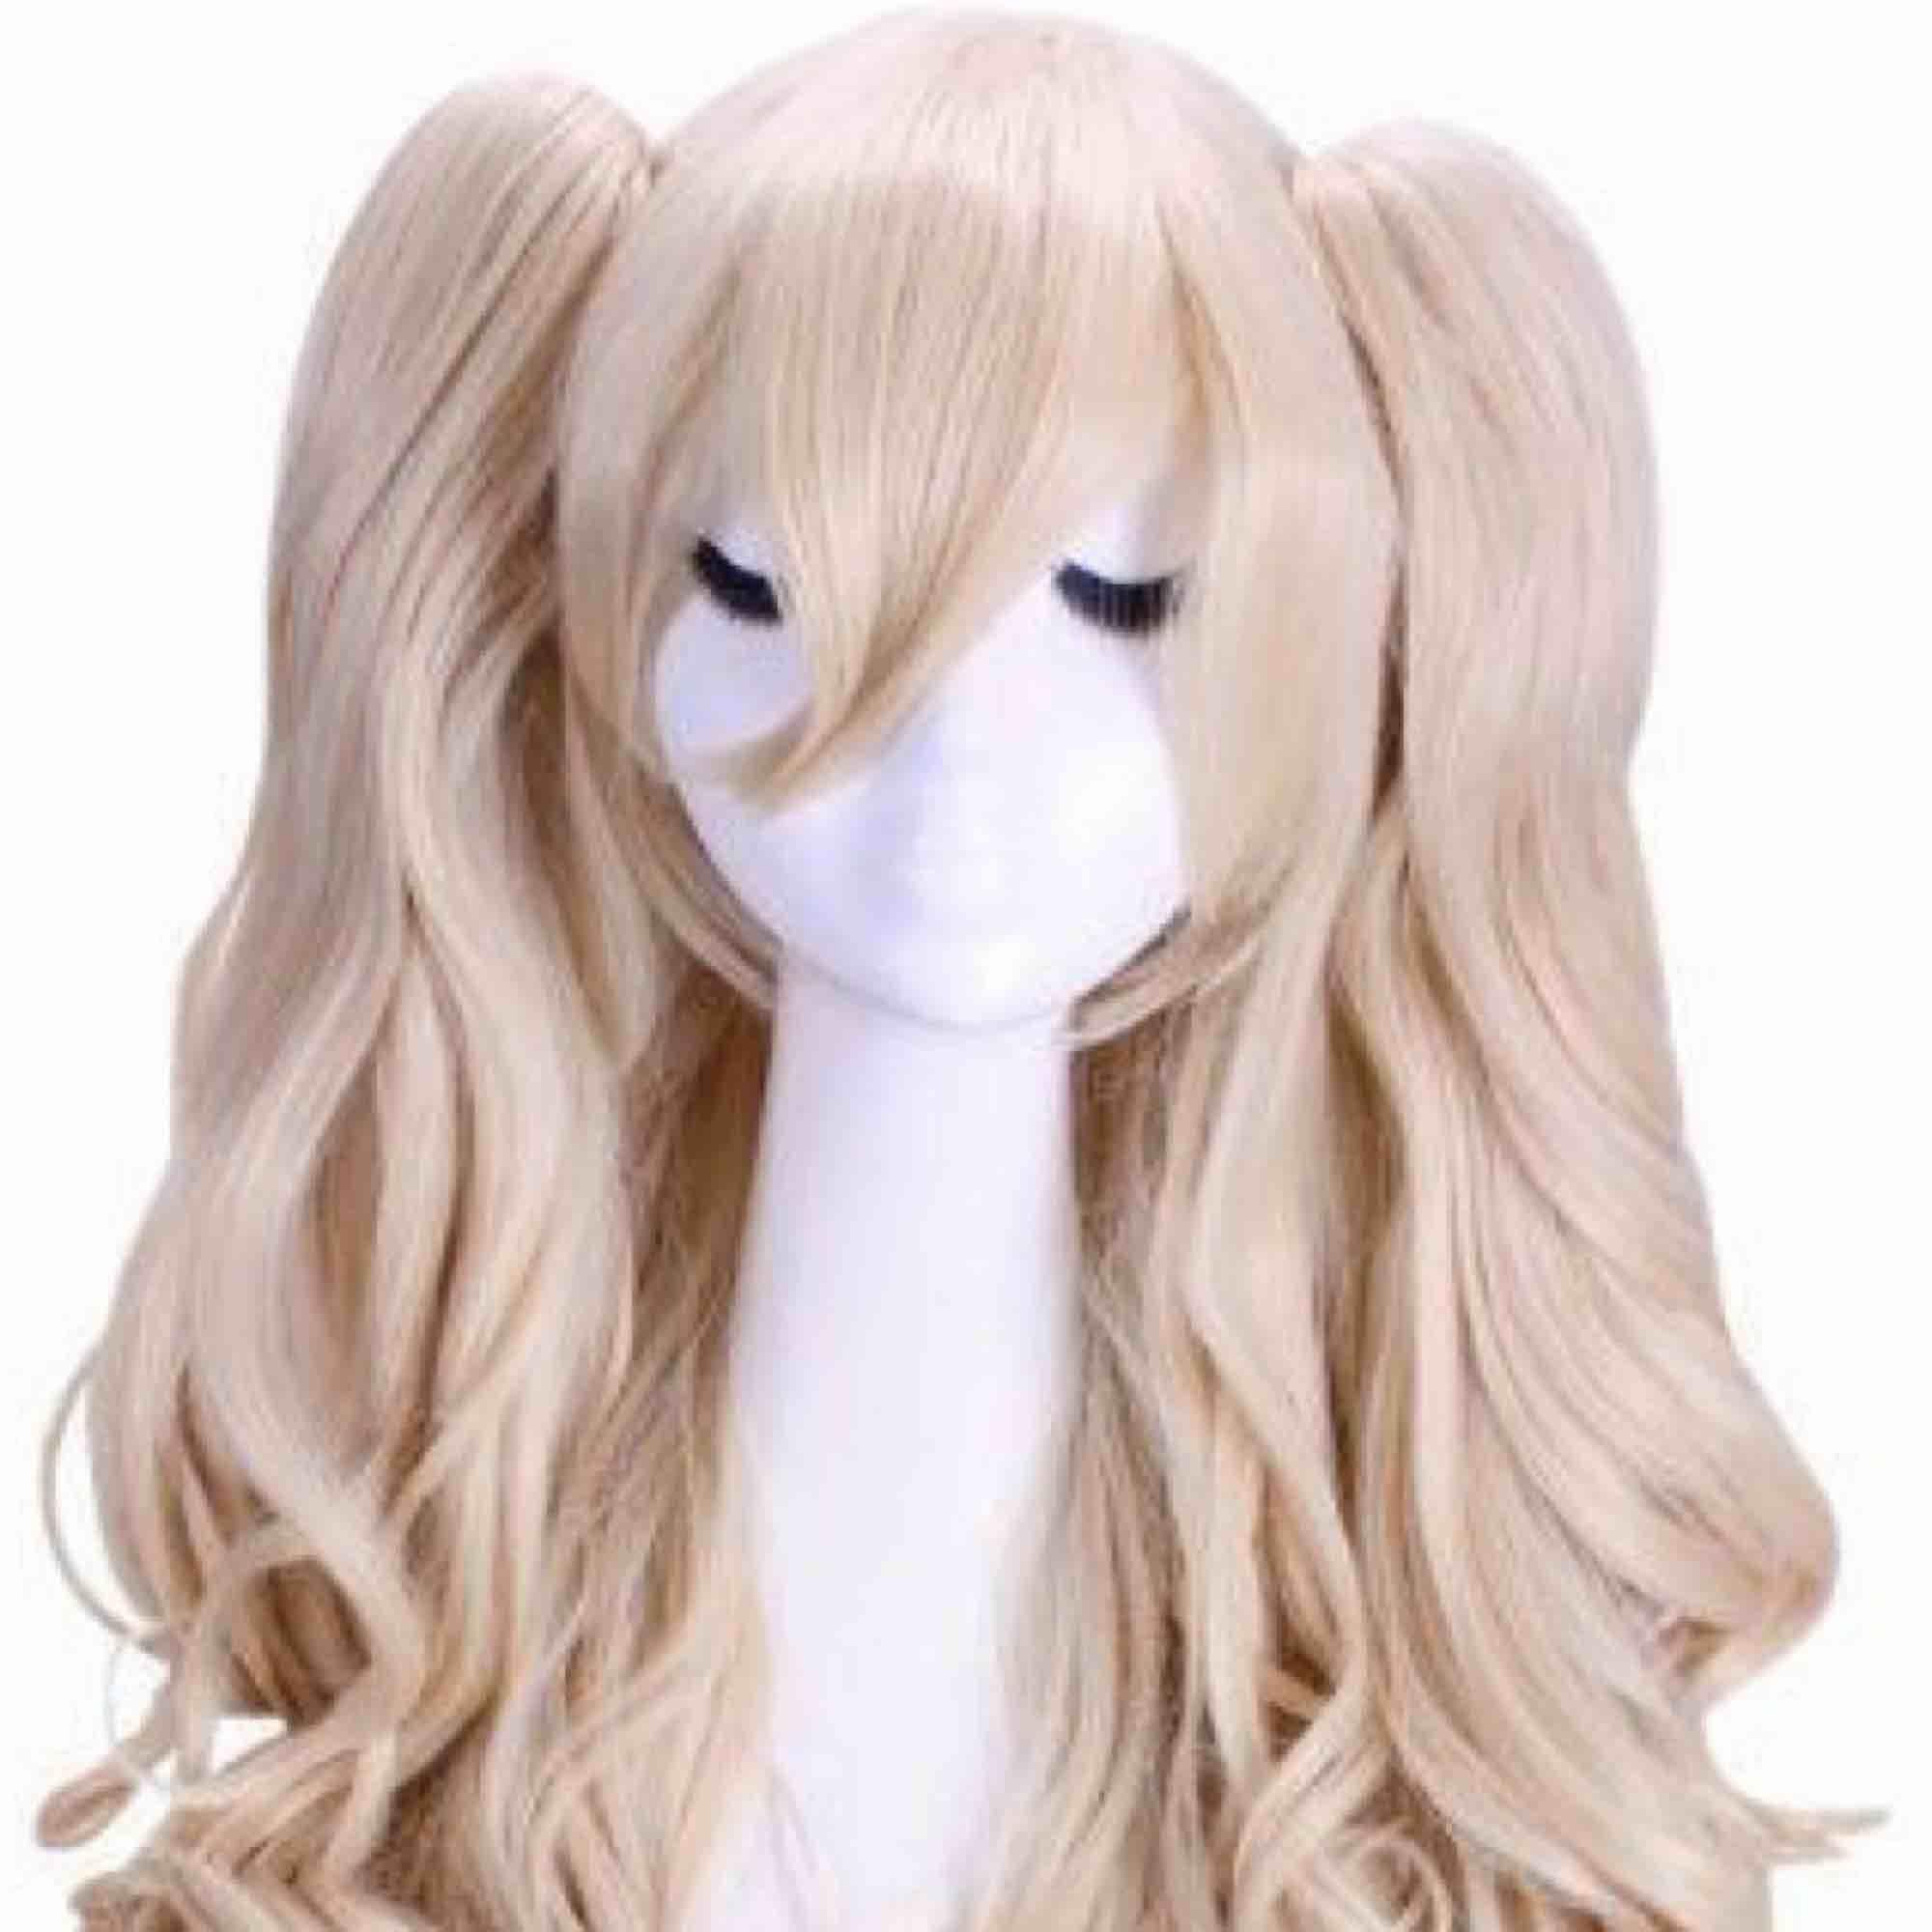 Blond peruk 60cm lång, passar bra till halloween eller cosplay. Blond ponytail wig. Bra skick Ställ följer med om så önskas. Accessoarer.